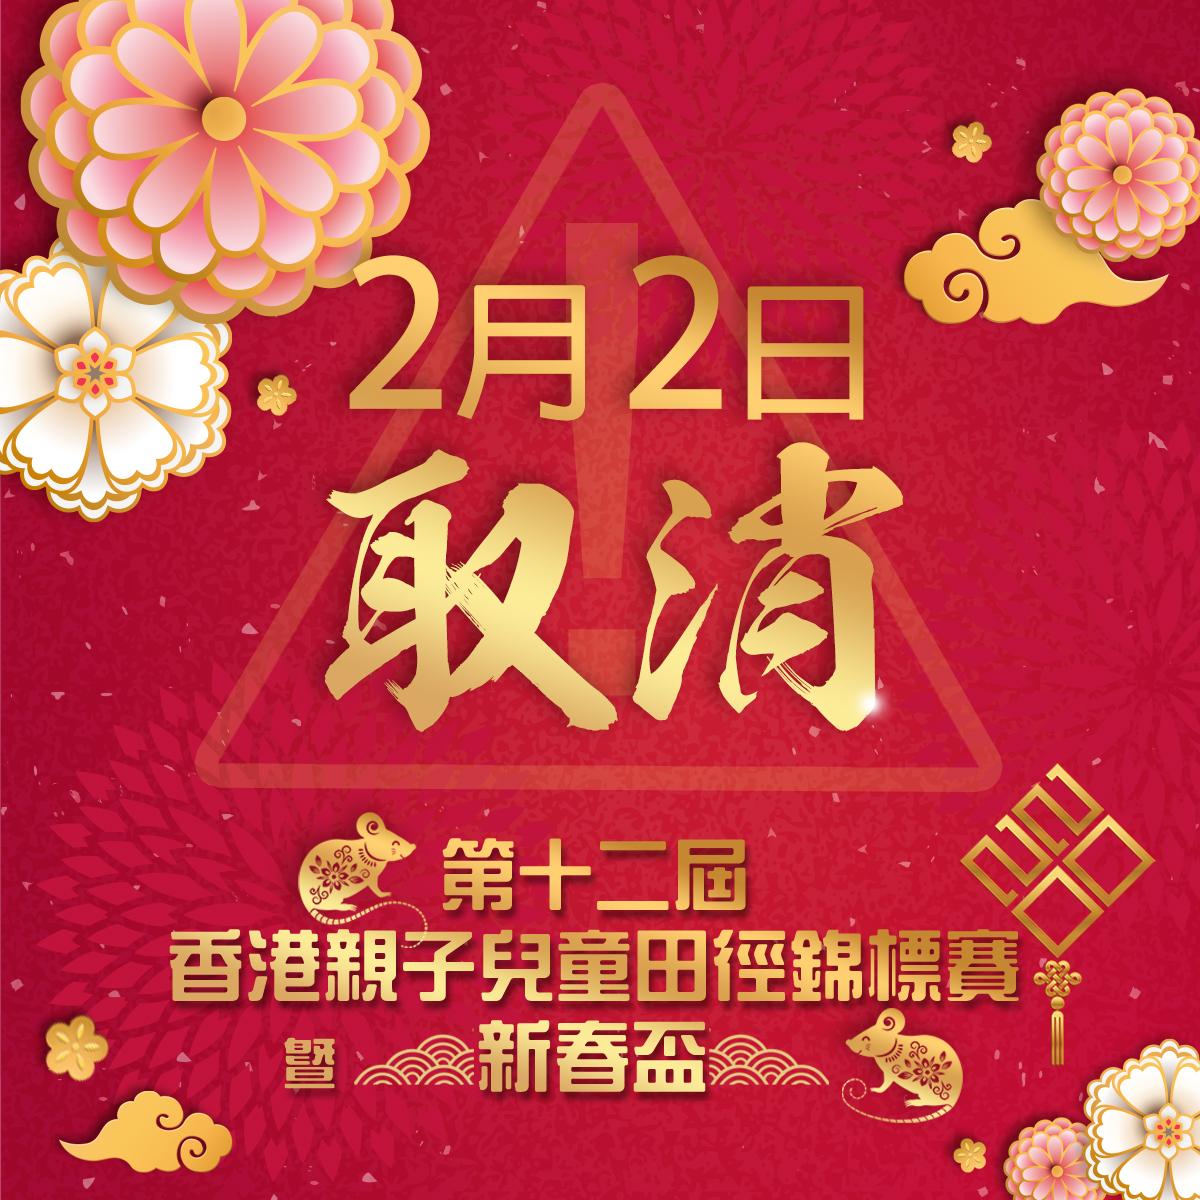 第十二屆香港親子兒童田徑錦標賽2020暨新春盃